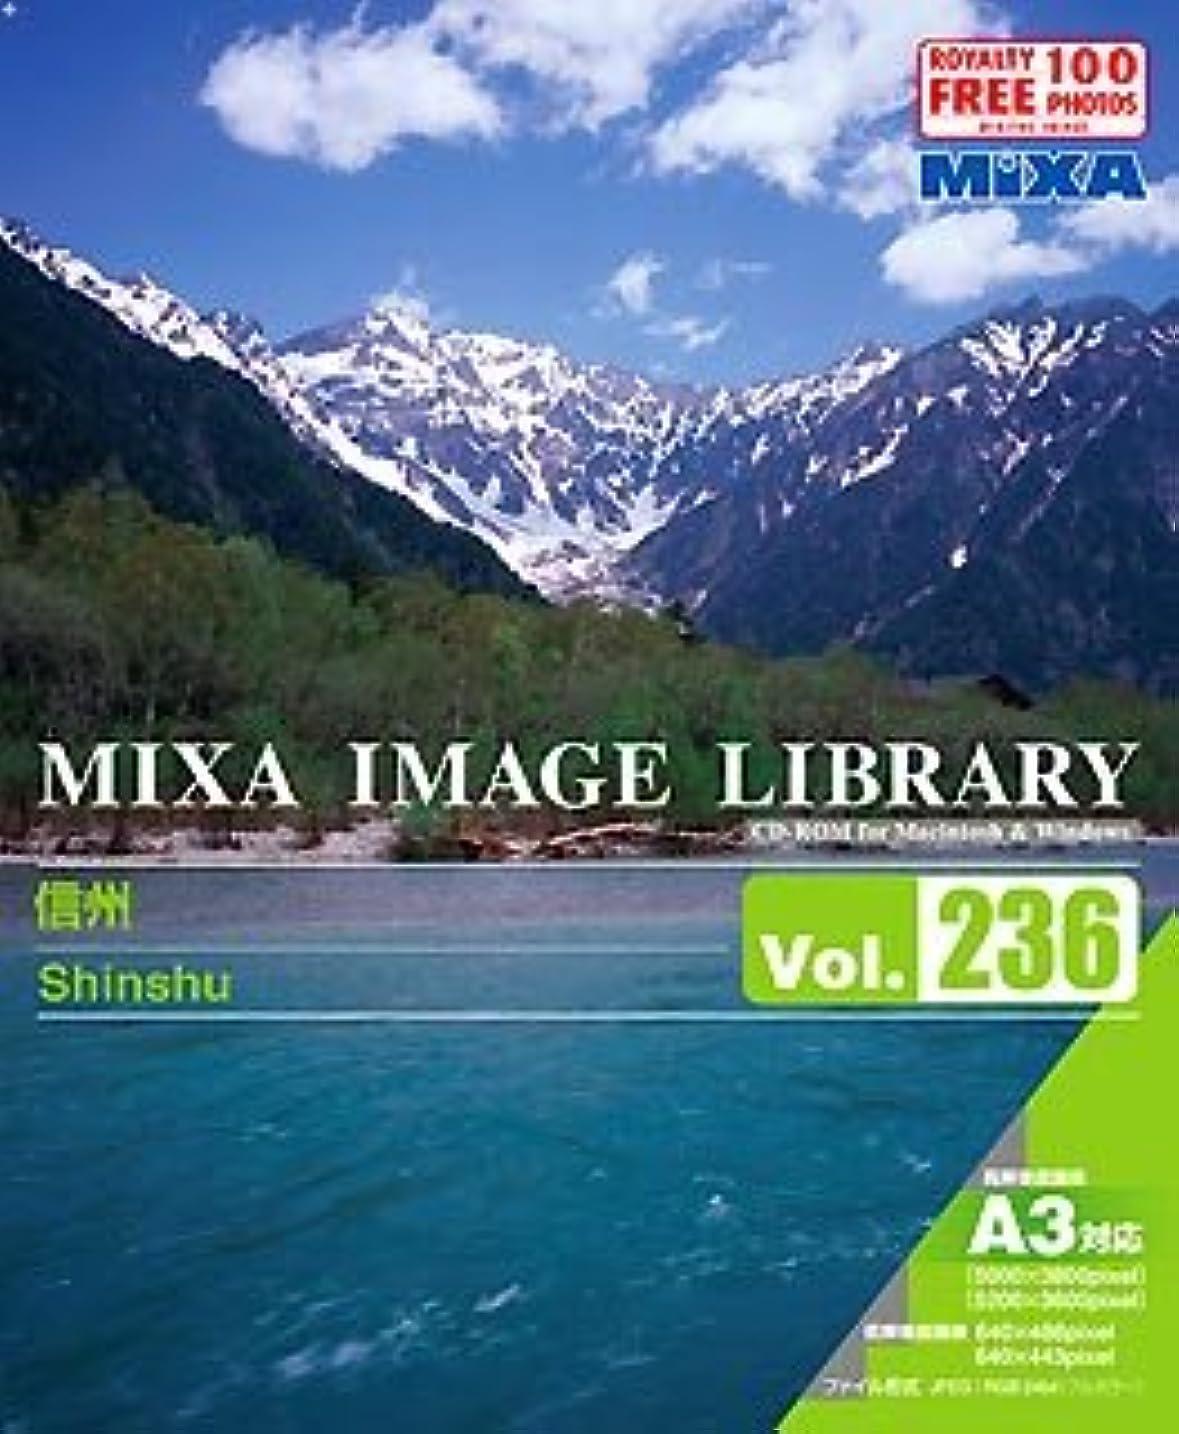 MIXA IMAGE LIBRARY Vol.236 信州